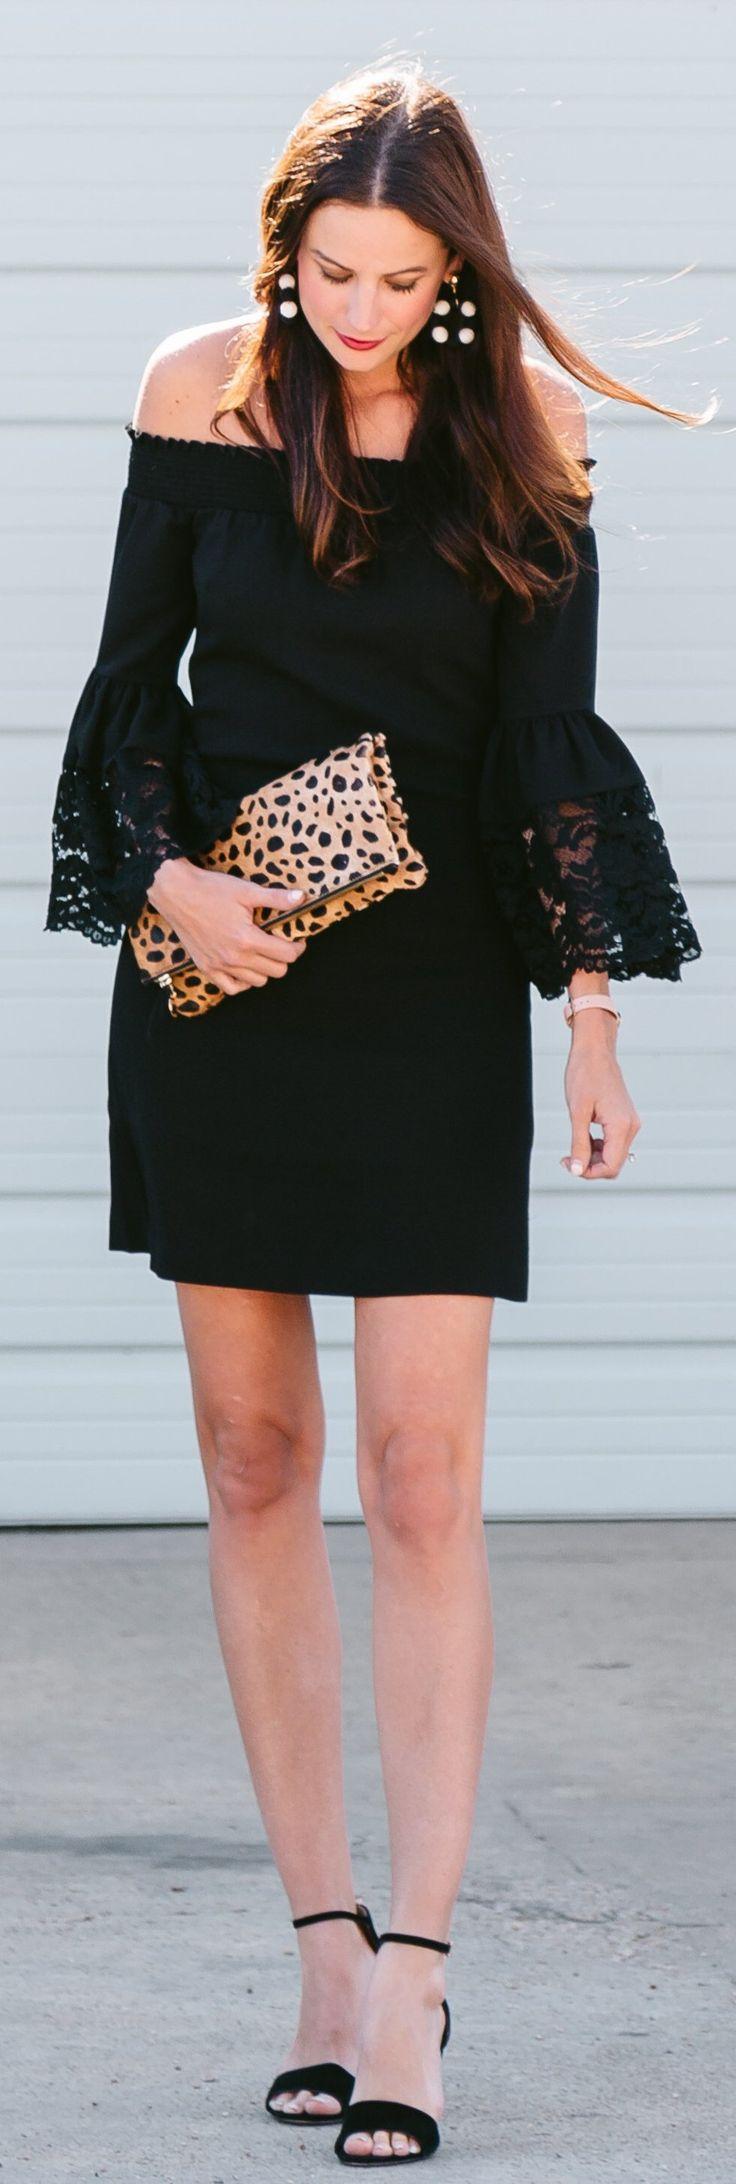 Black Open Shoulder Dress & Leopard Clutch & Black Sandals